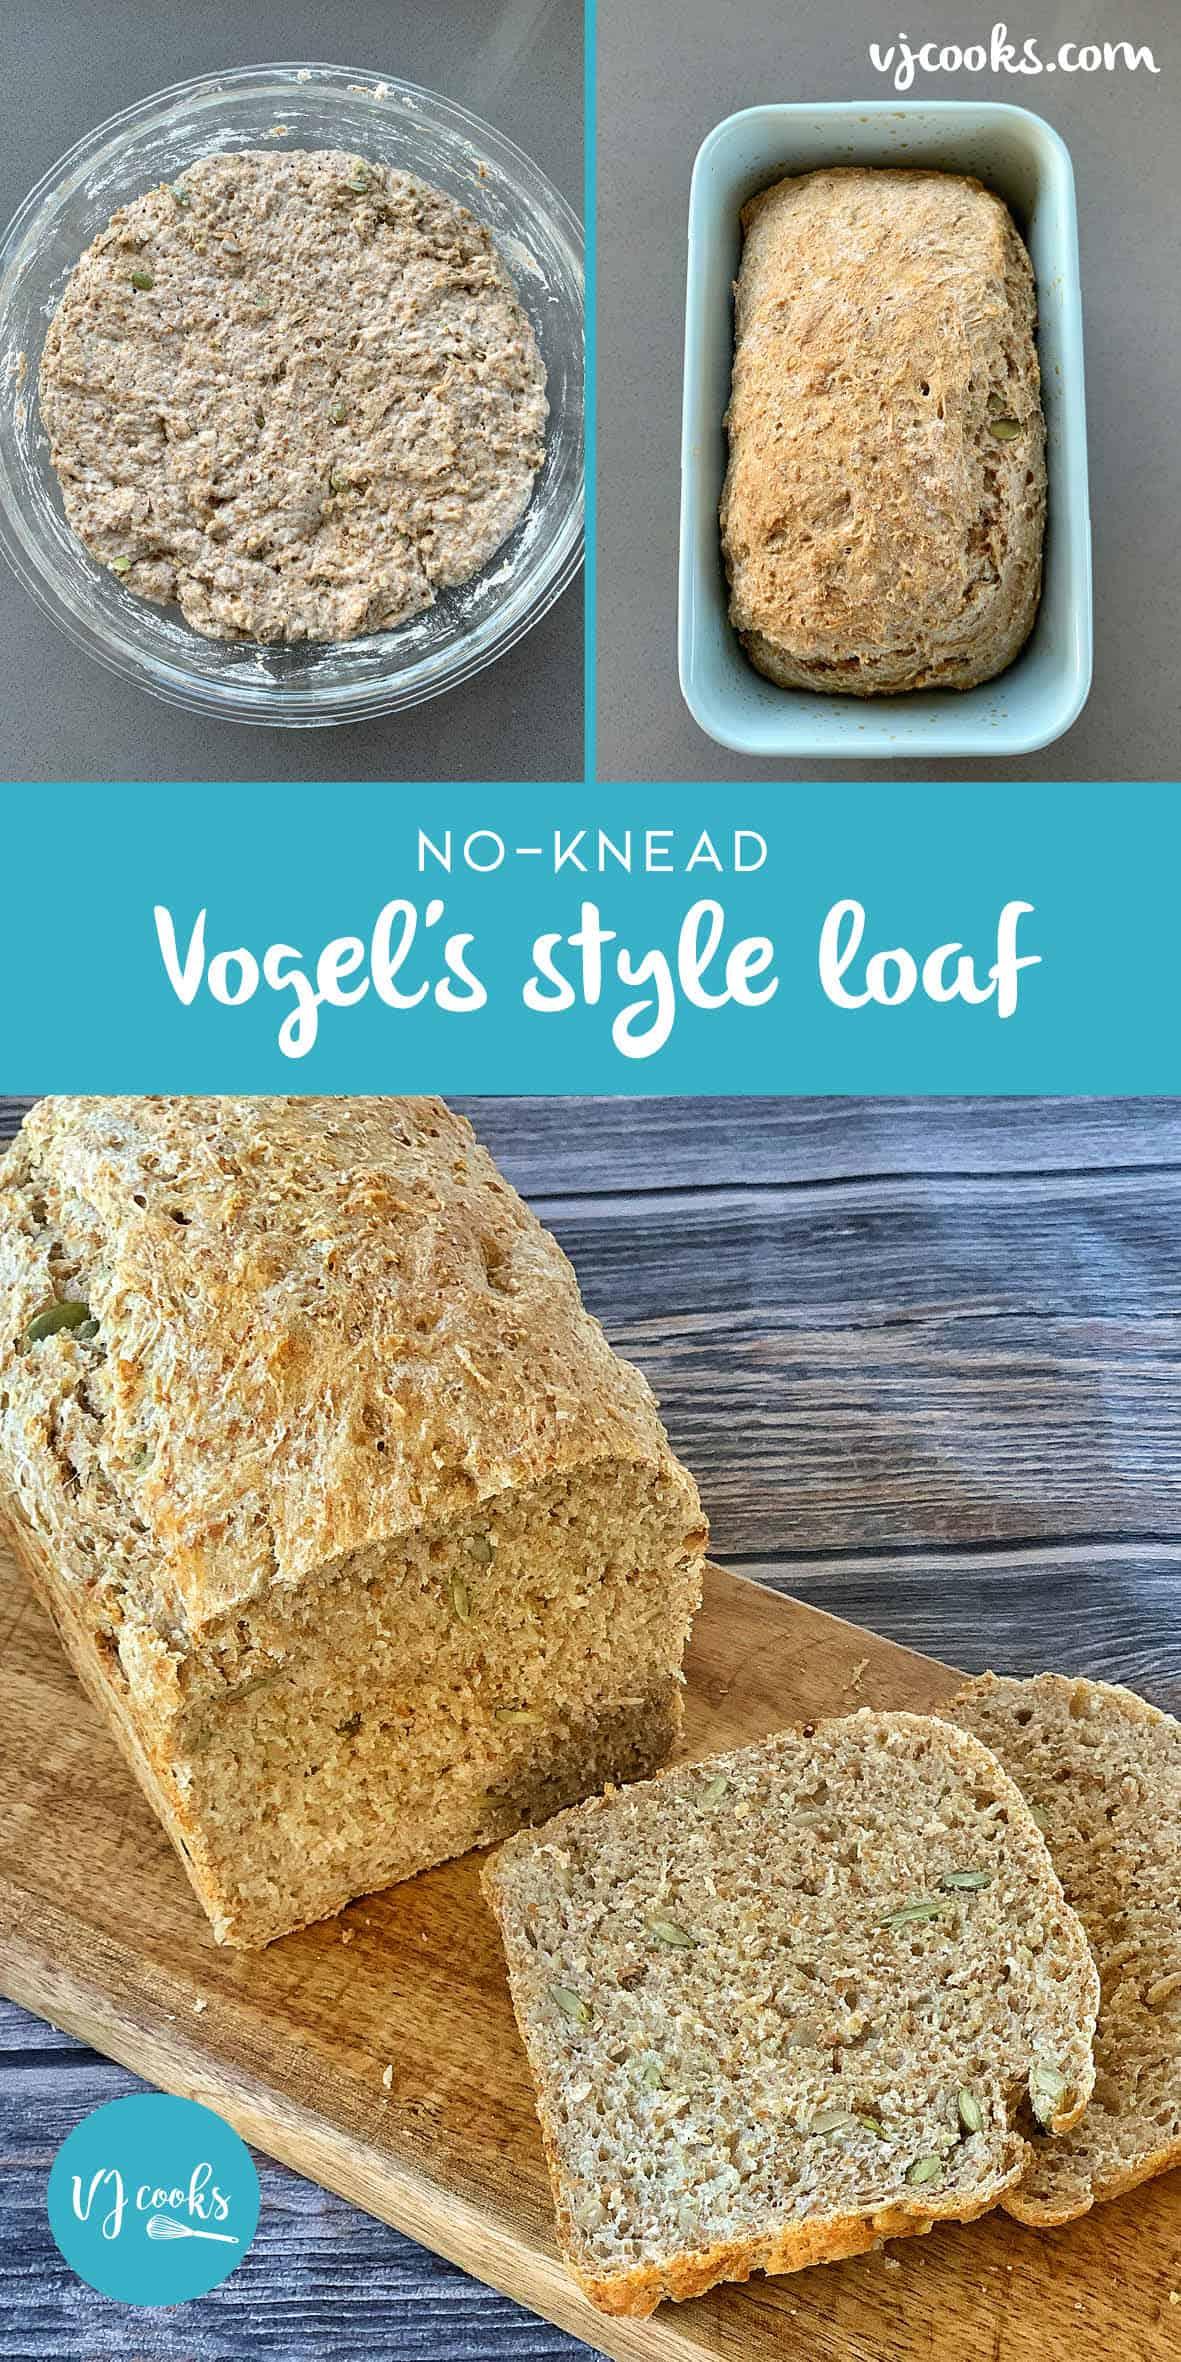 no knead vogels loaf